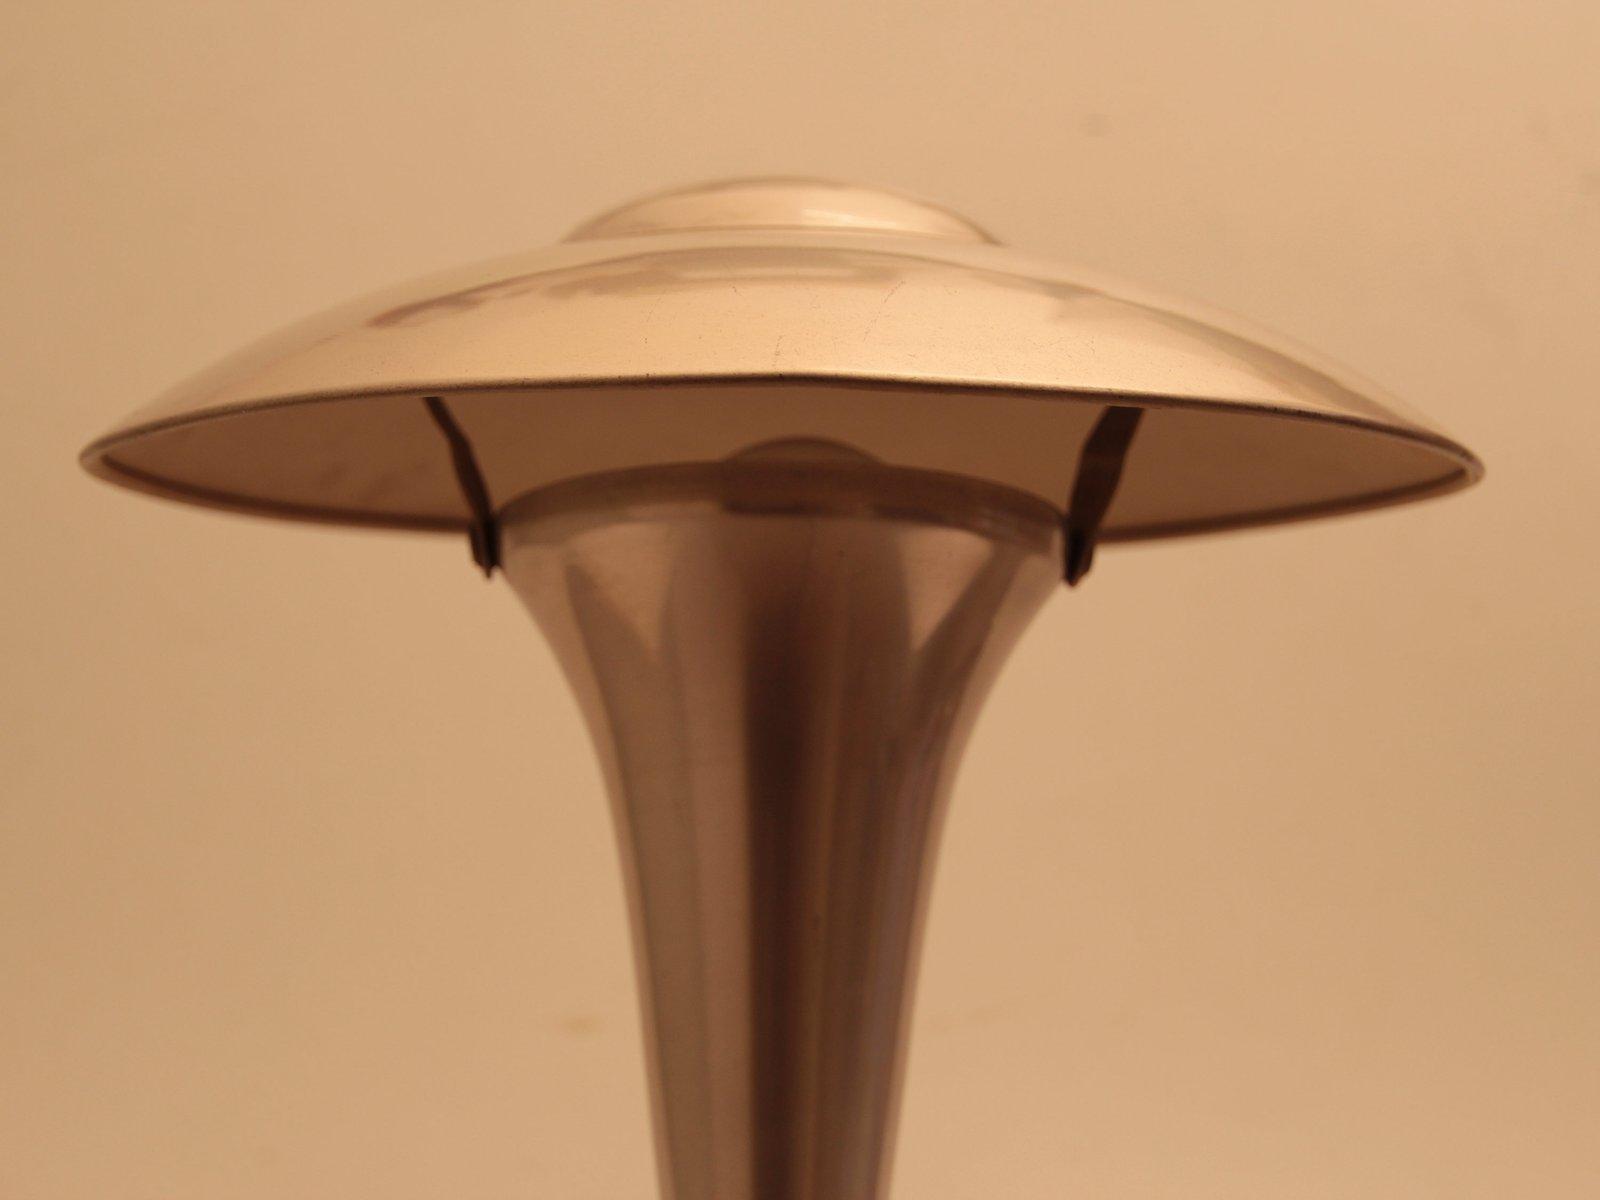 lampe de bureau art d co en aluminium 1930s en vente sur pamono. Black Bedroom Furniture Sets. Home Design Ideas